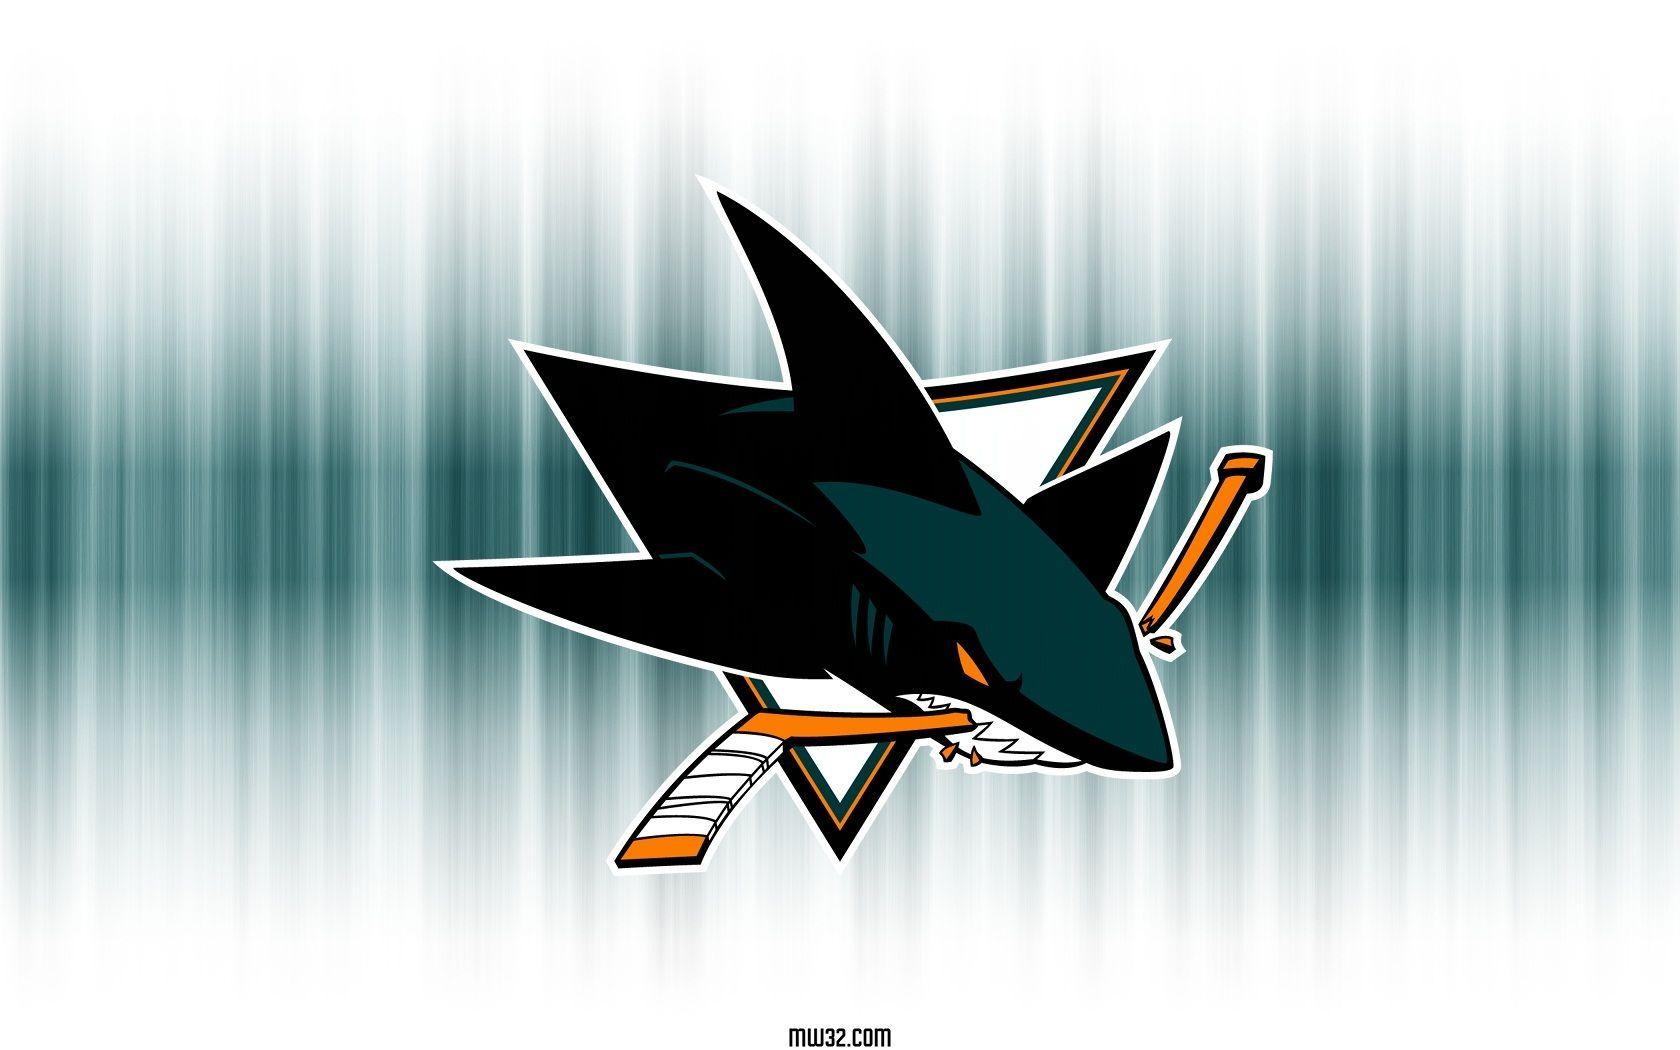 1024x640 San Jose Sharks 1152x720 San Jose Sharks 1280x800